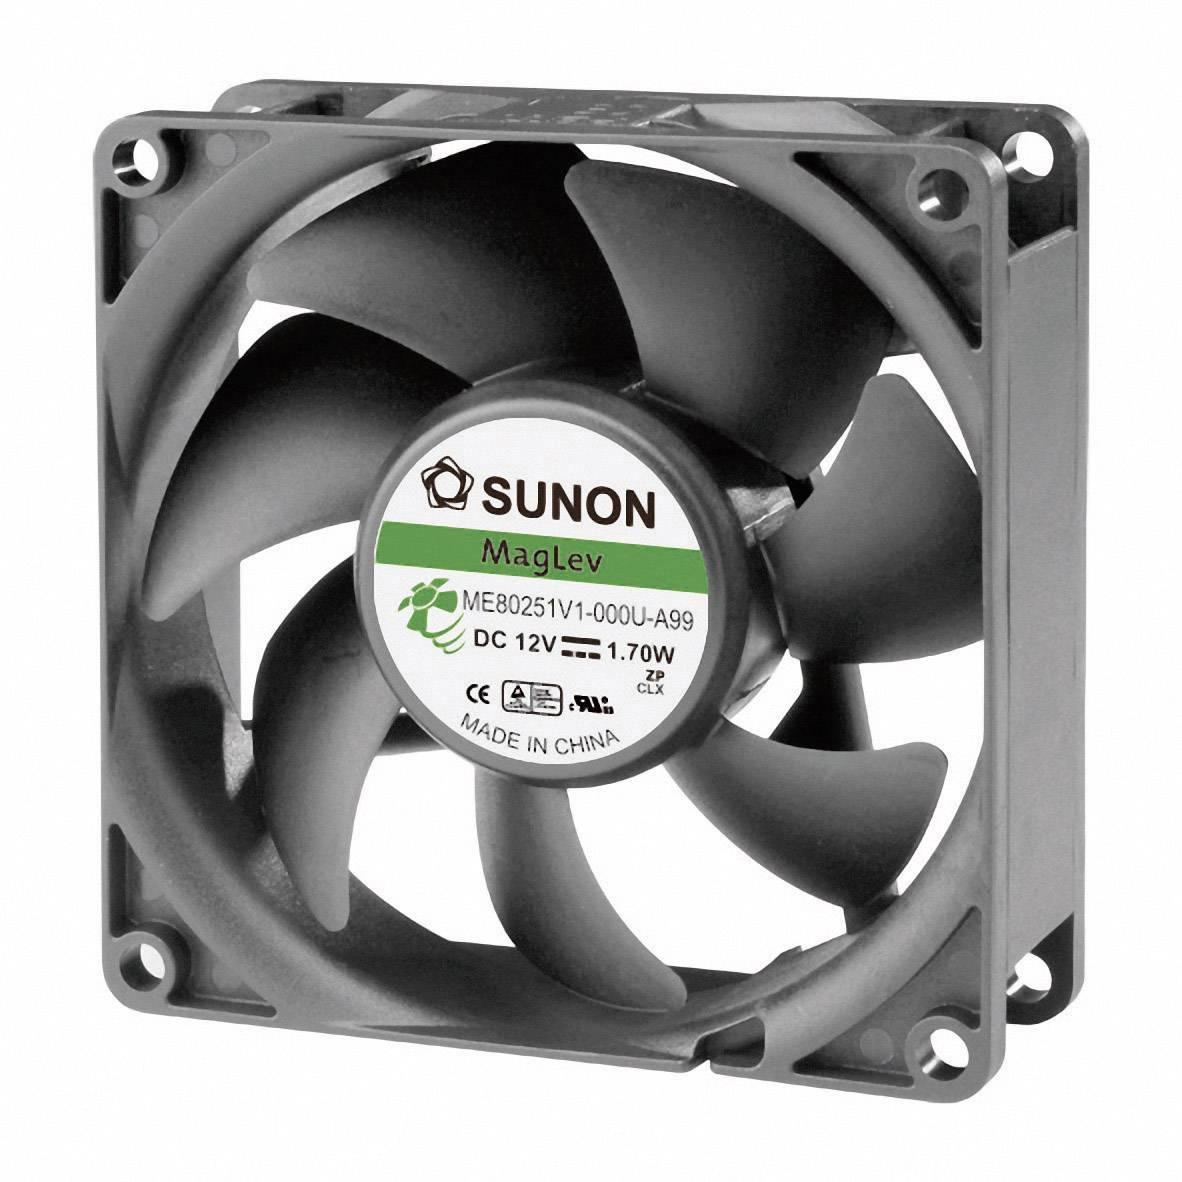 Axiálny ventilátor Sunon ME80251V1-000U-A99 ME80251V1-000U-A99, 12 V/DC, 33 dB, (d x š x v) 80 x 80 x 25 mm